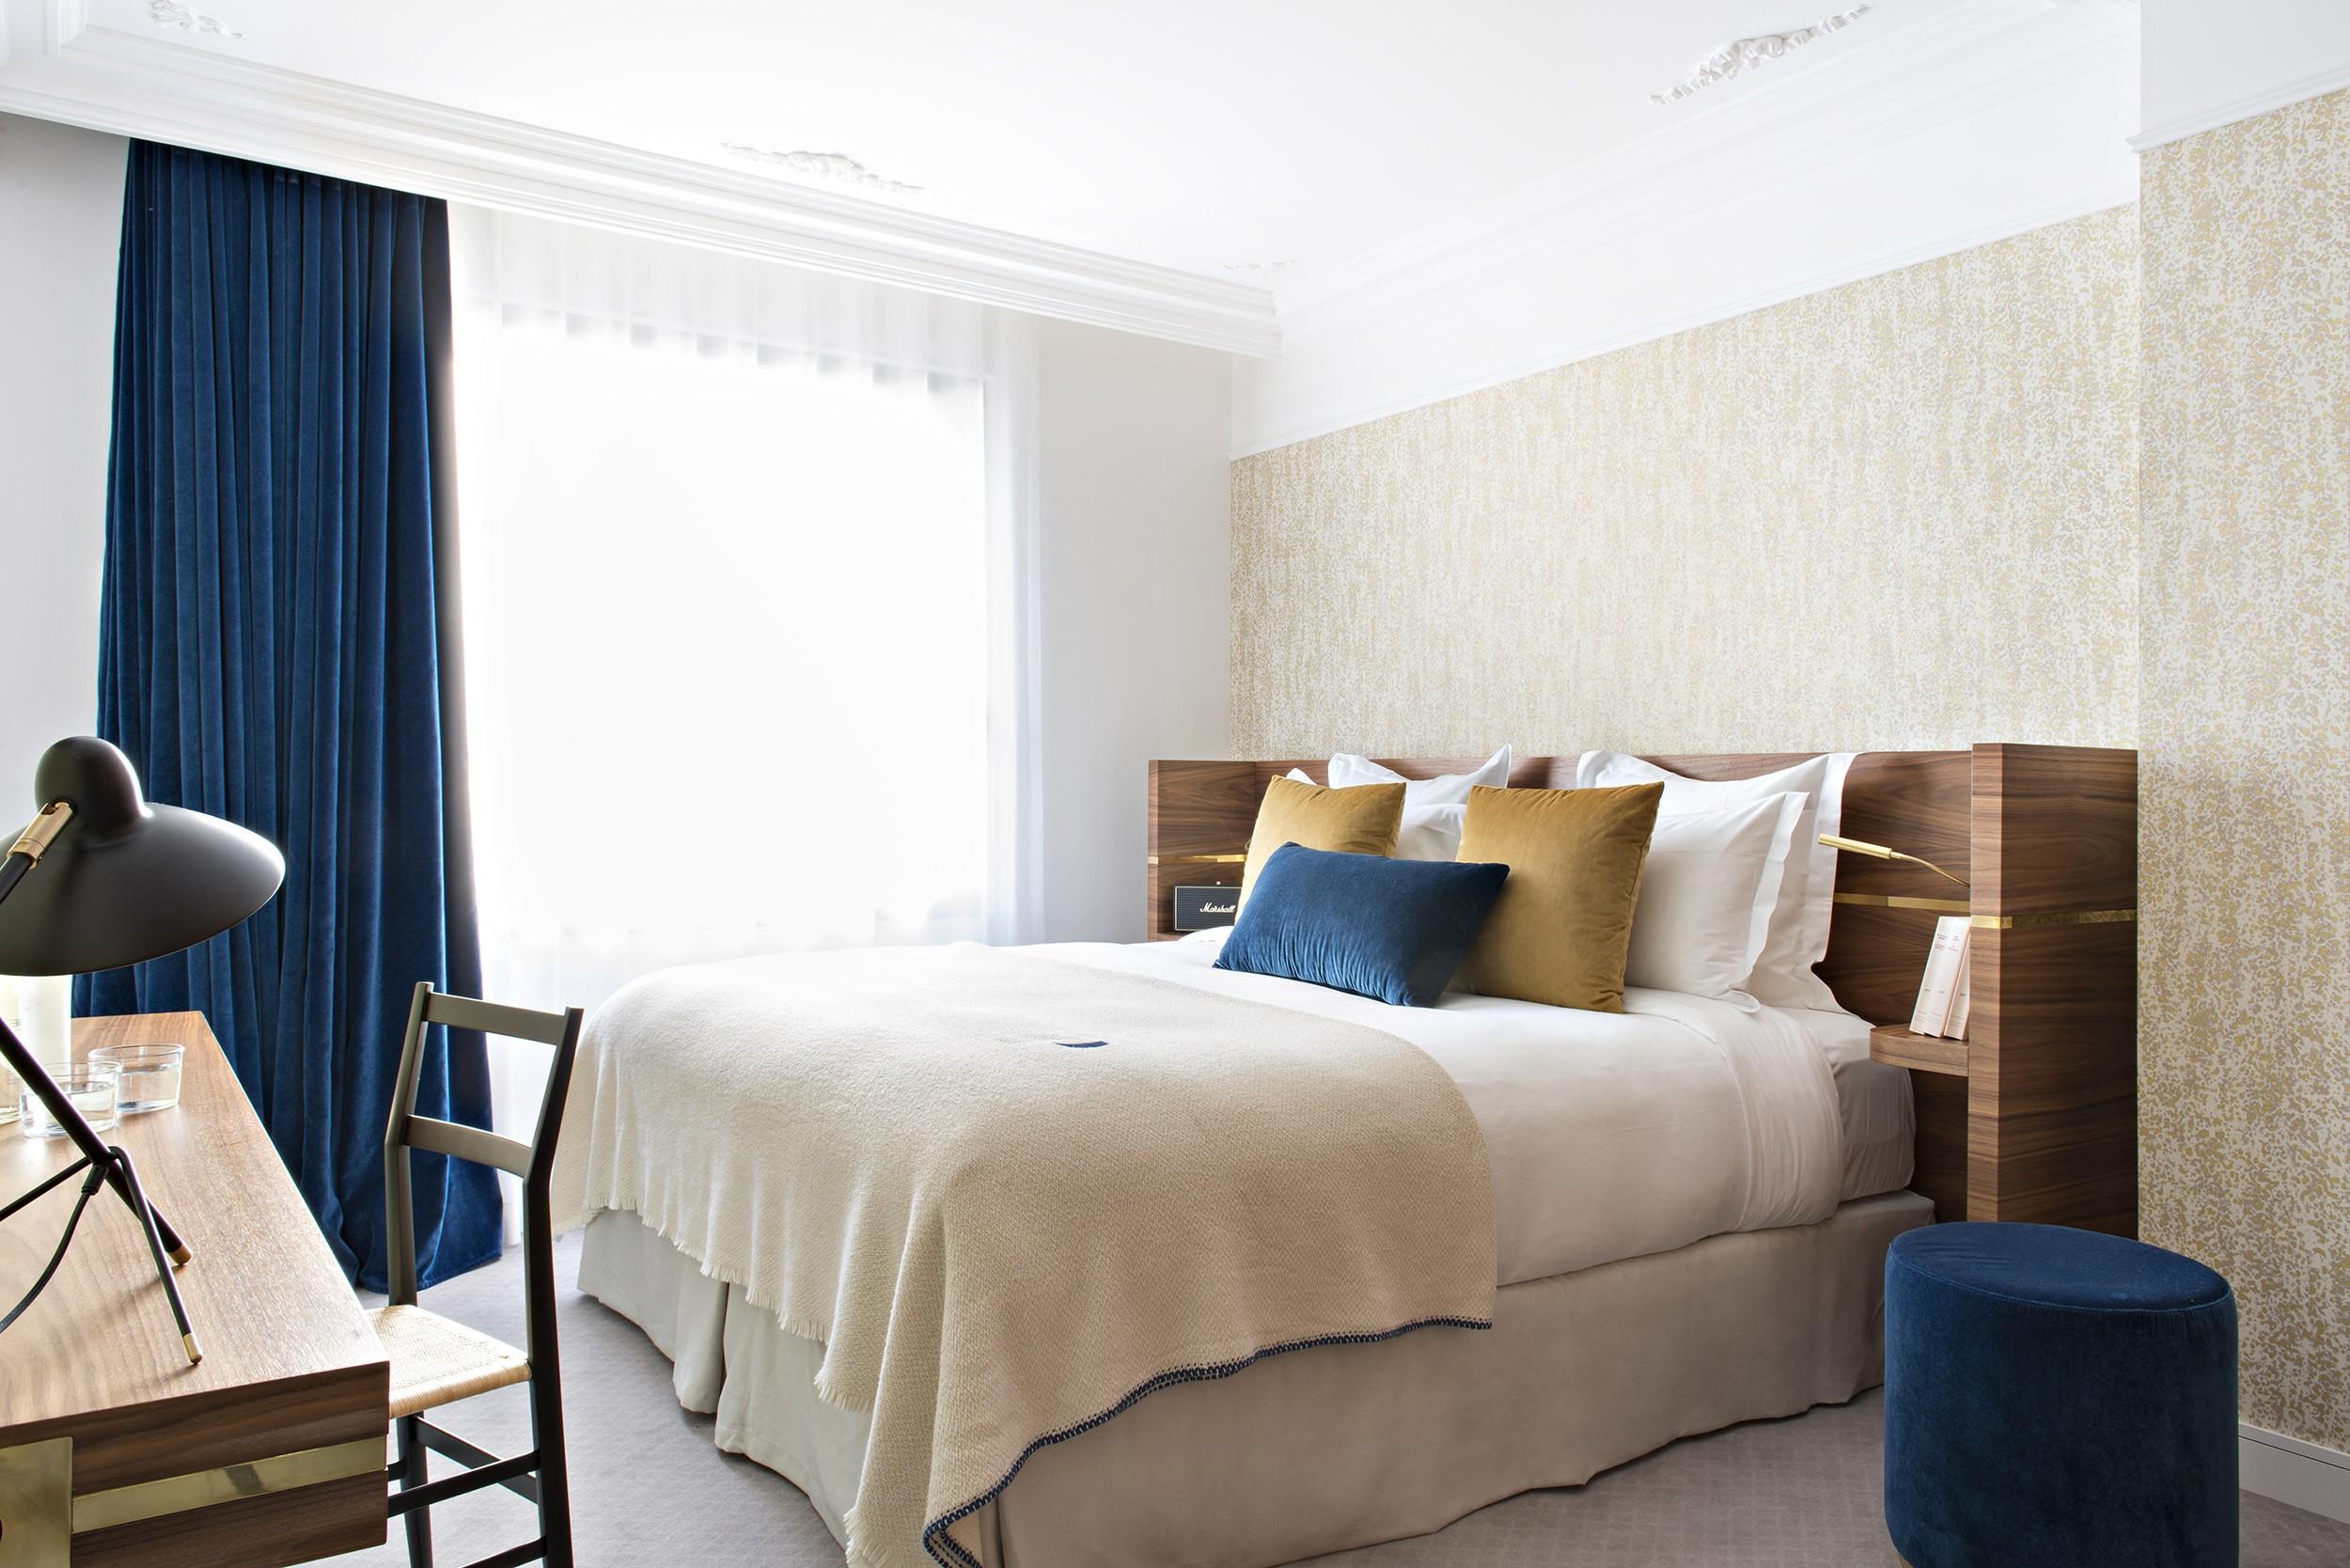 Hotel Parister, Paris, France